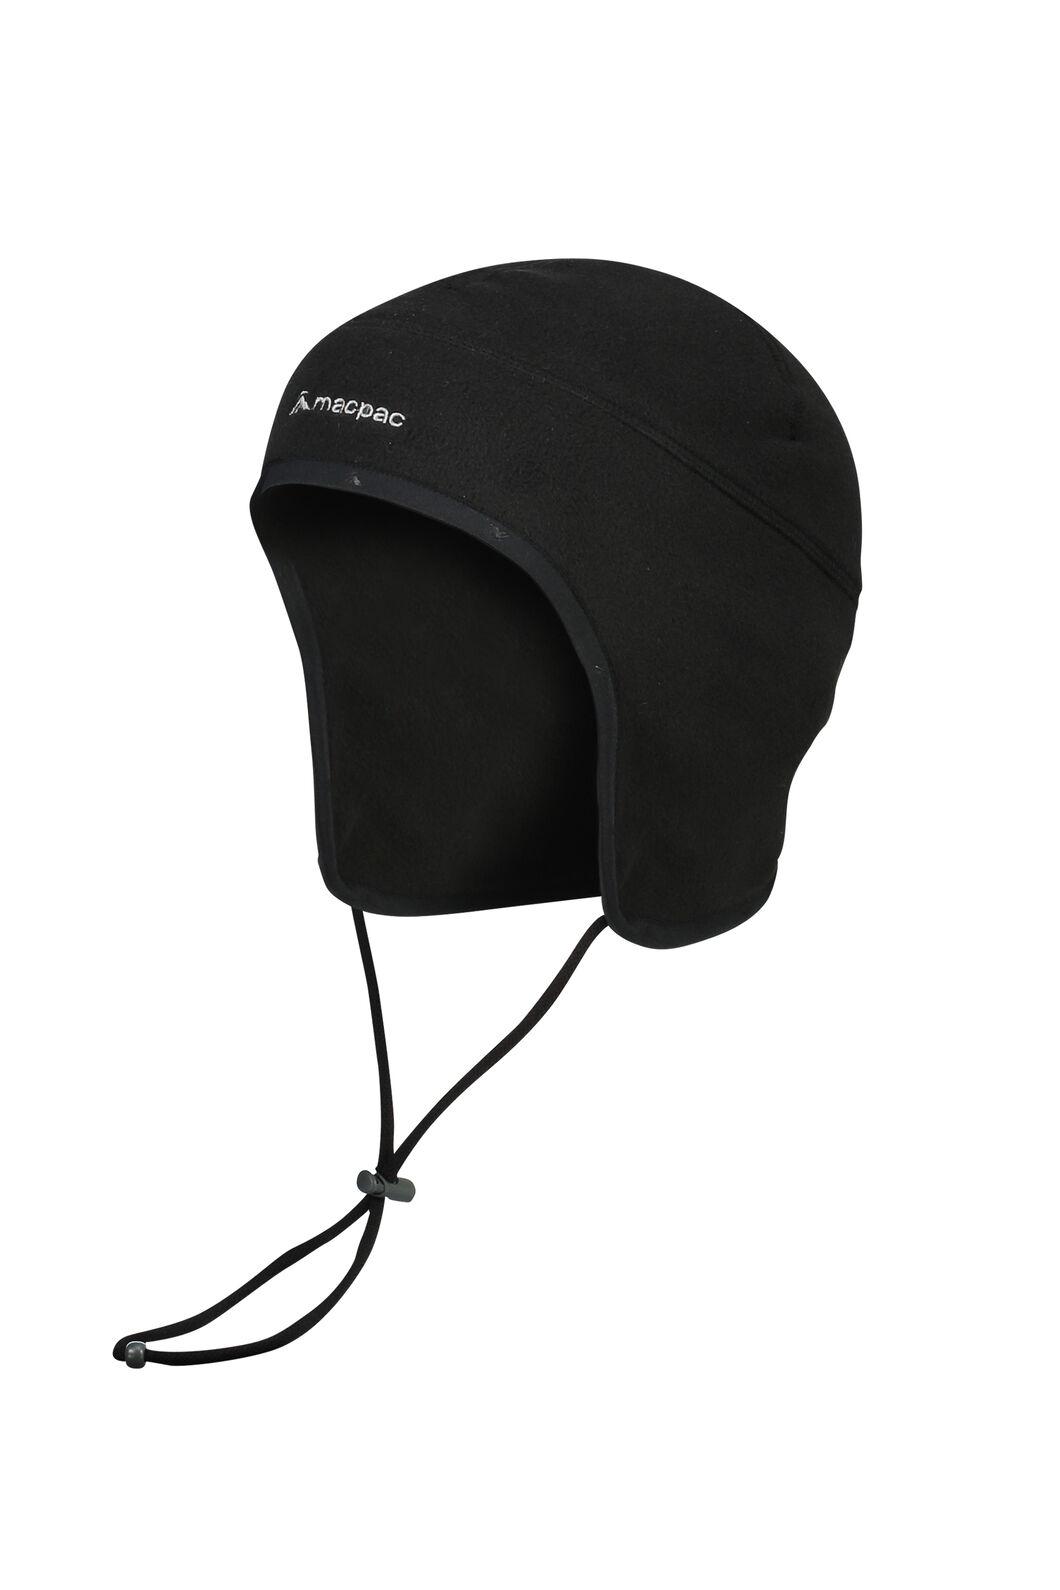 Macpac Earhed Fleece Beanie V2, Black, hi-res